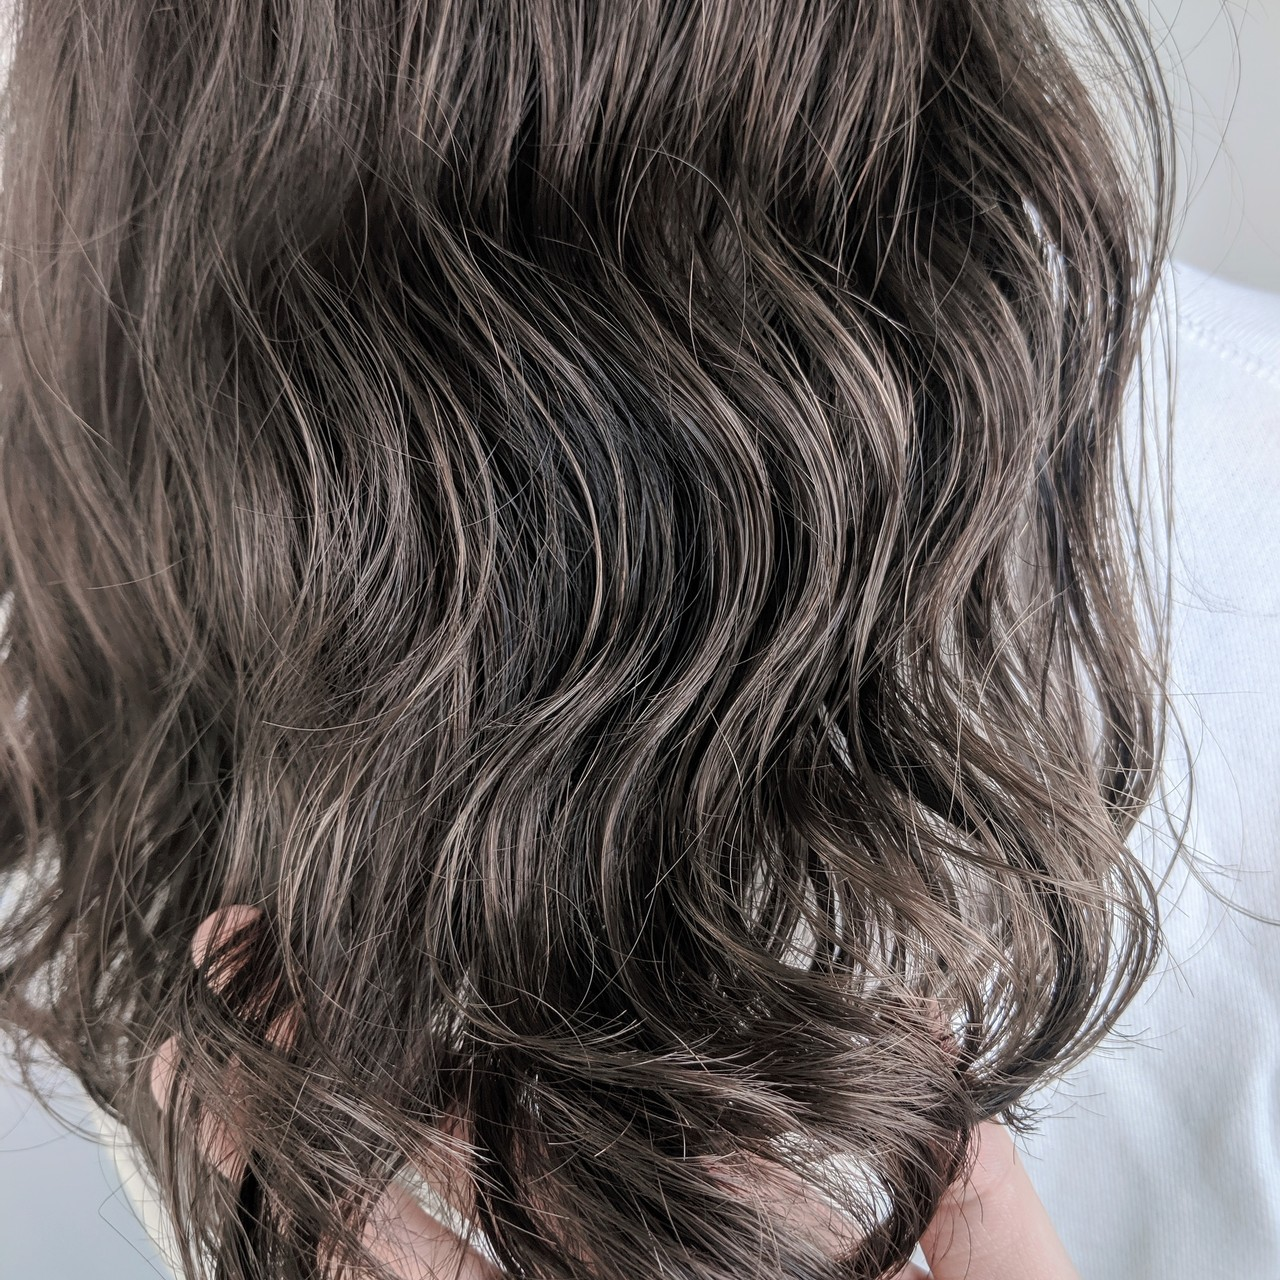 ウェーブ ナチュラル ロング 透明感 ヘアスタイルや髪型の写真・画像